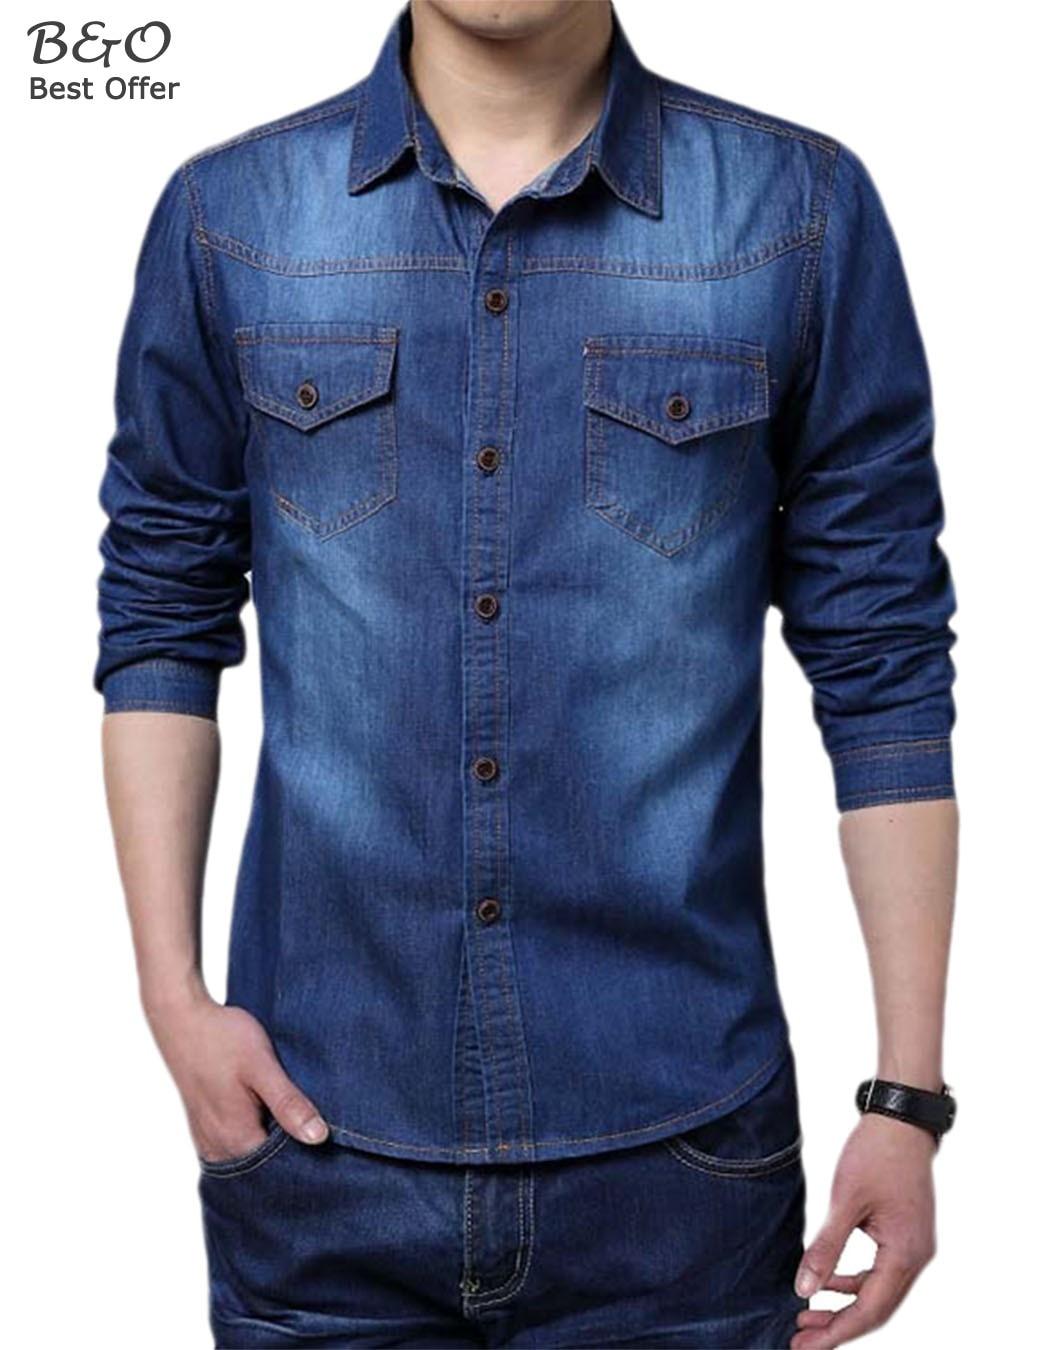 Jeans shirts men autumn blouse 2016 men fit denim shirts for Plus size men shirts